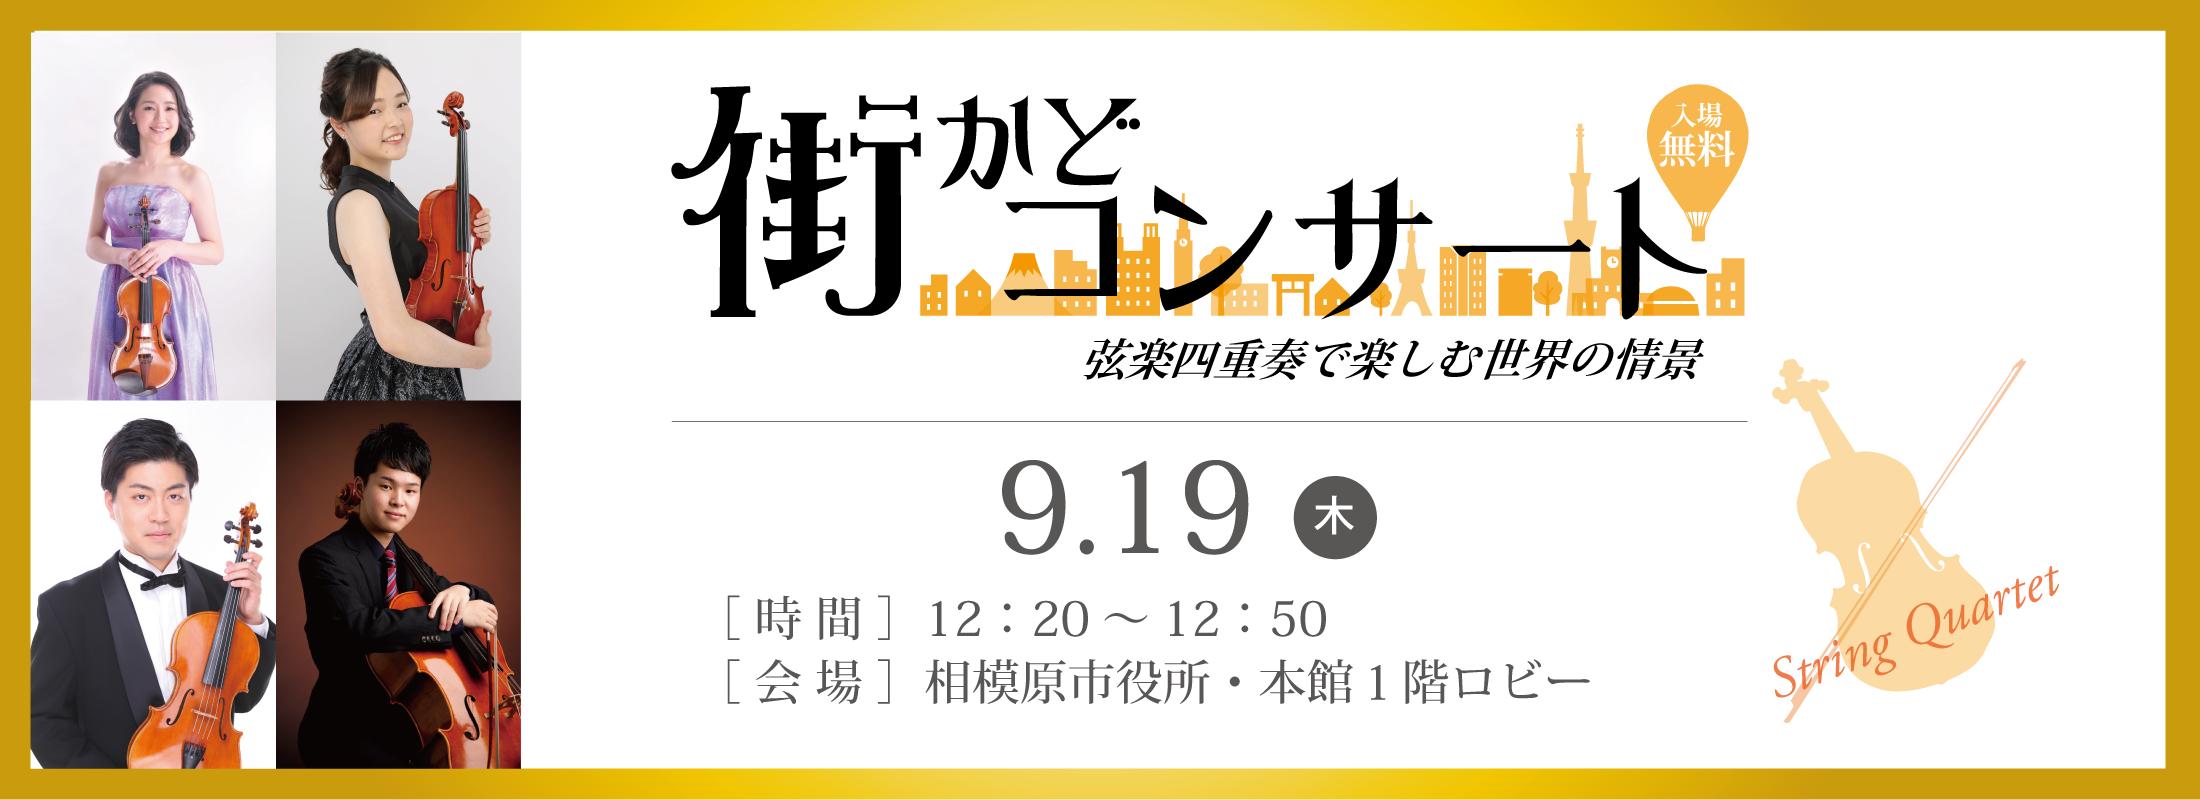 9/19街かどコンサート